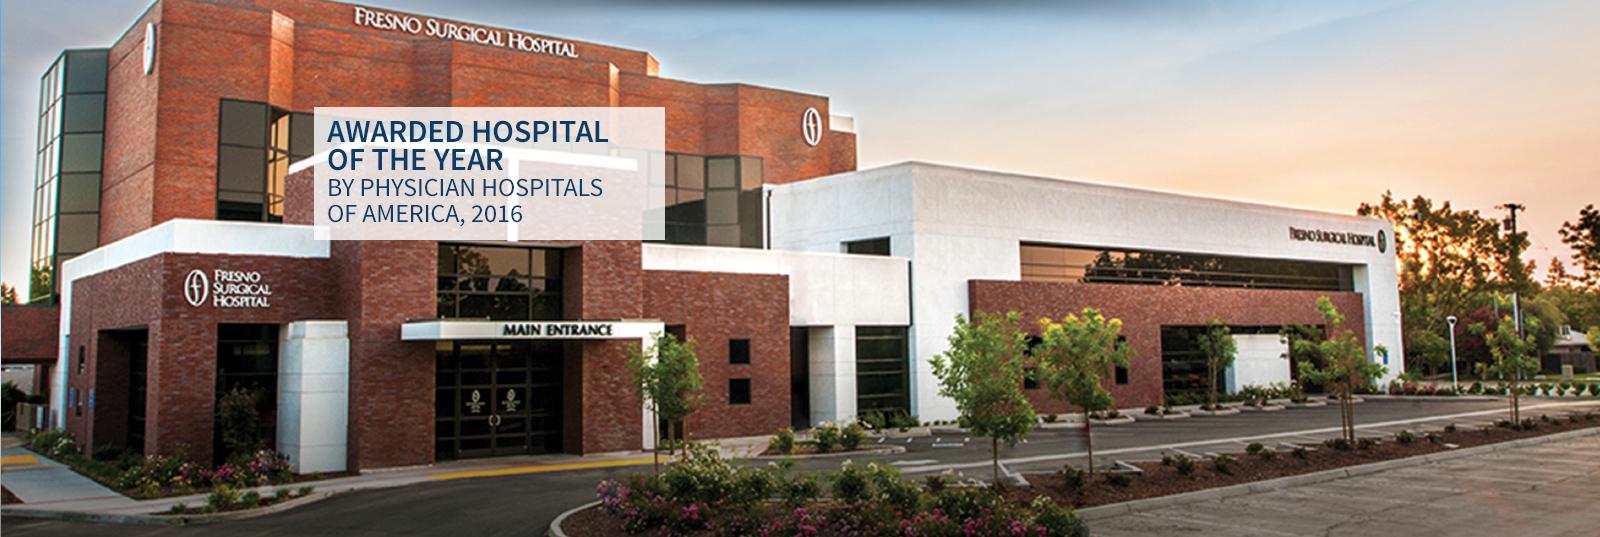 Slide Two – Hospital building